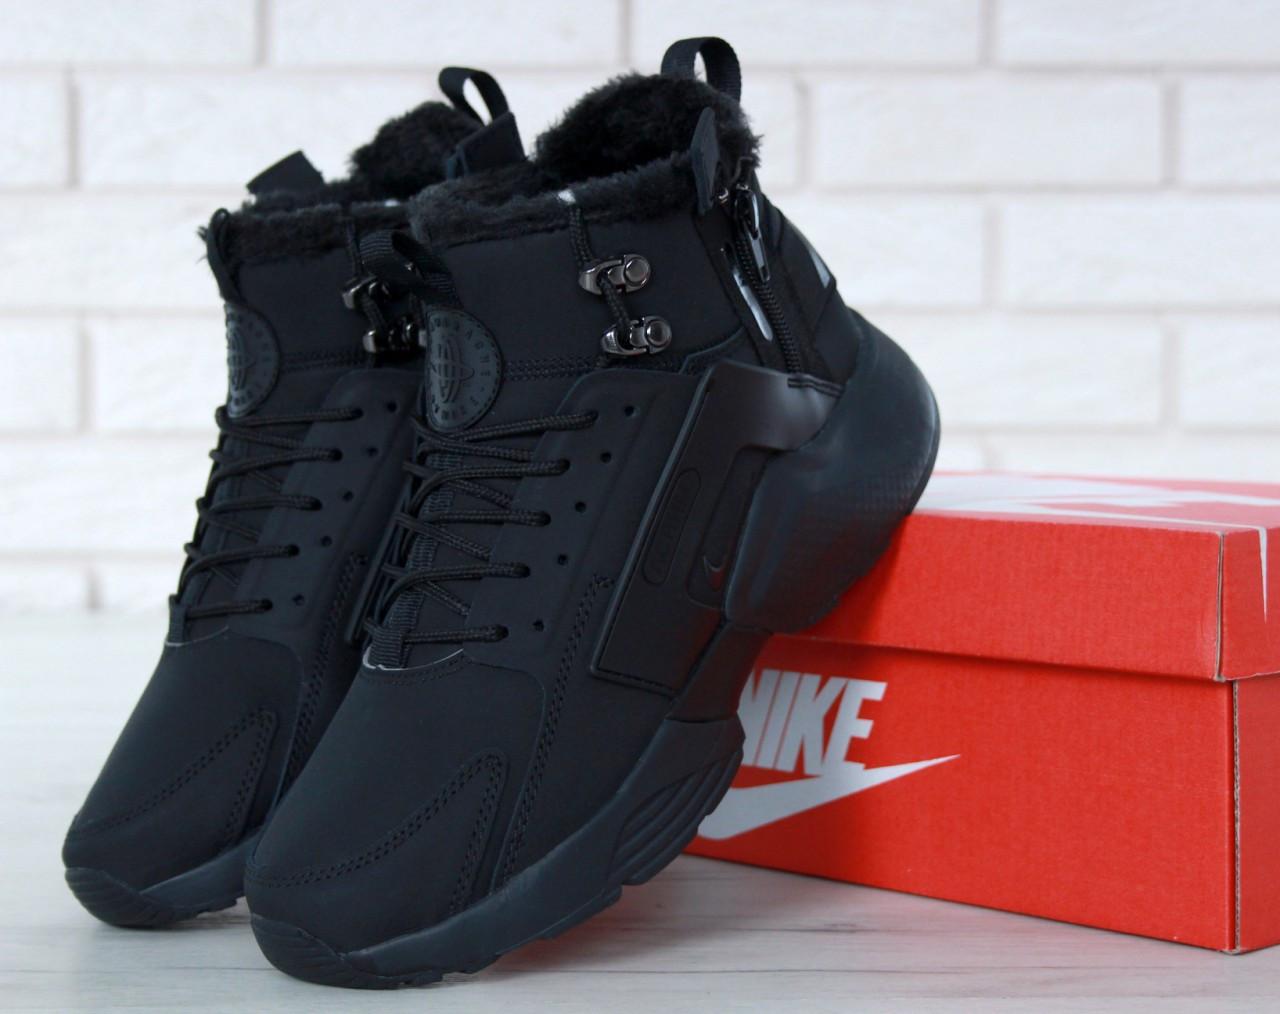 Чоловічі зимові кросівки Nike Air Huarache Winter з хутром (чорні)